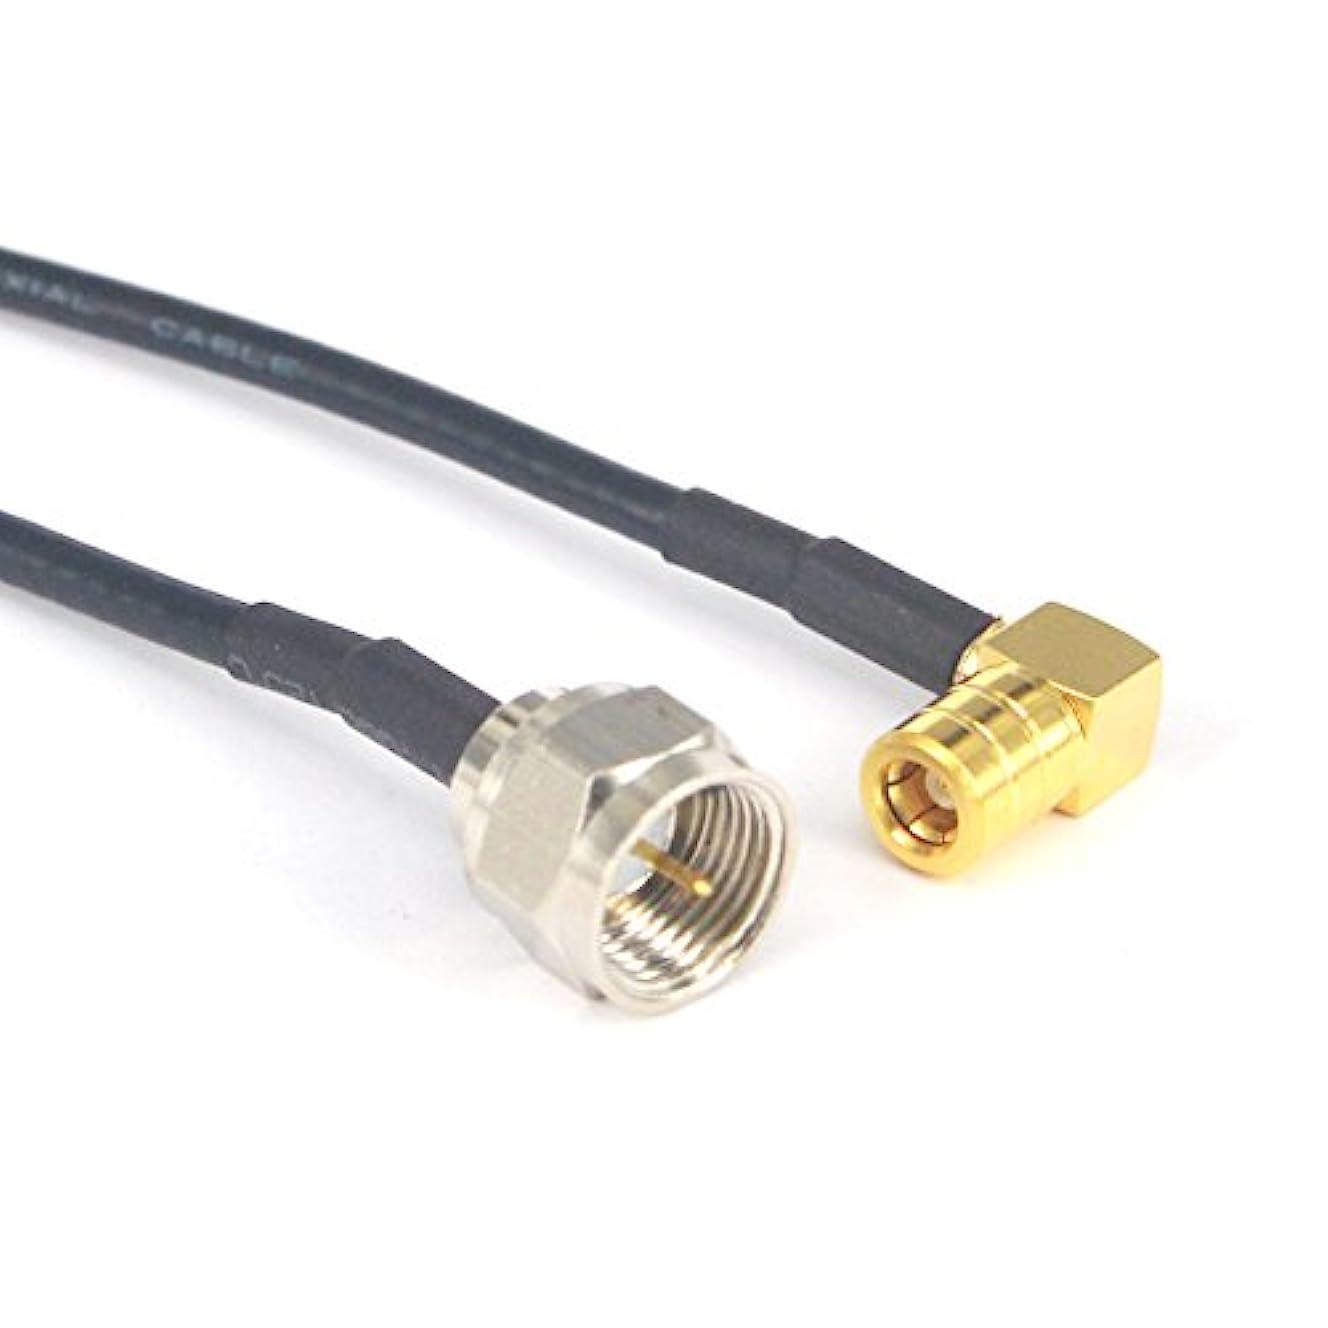 冒険トレイ純度延長同軸ケーブル SMBメス 90度からFオス RF同軸コネクタアダプター ピグテールコード 7.8インチ Sirius XMラジオステレオレシーバーチューナー用